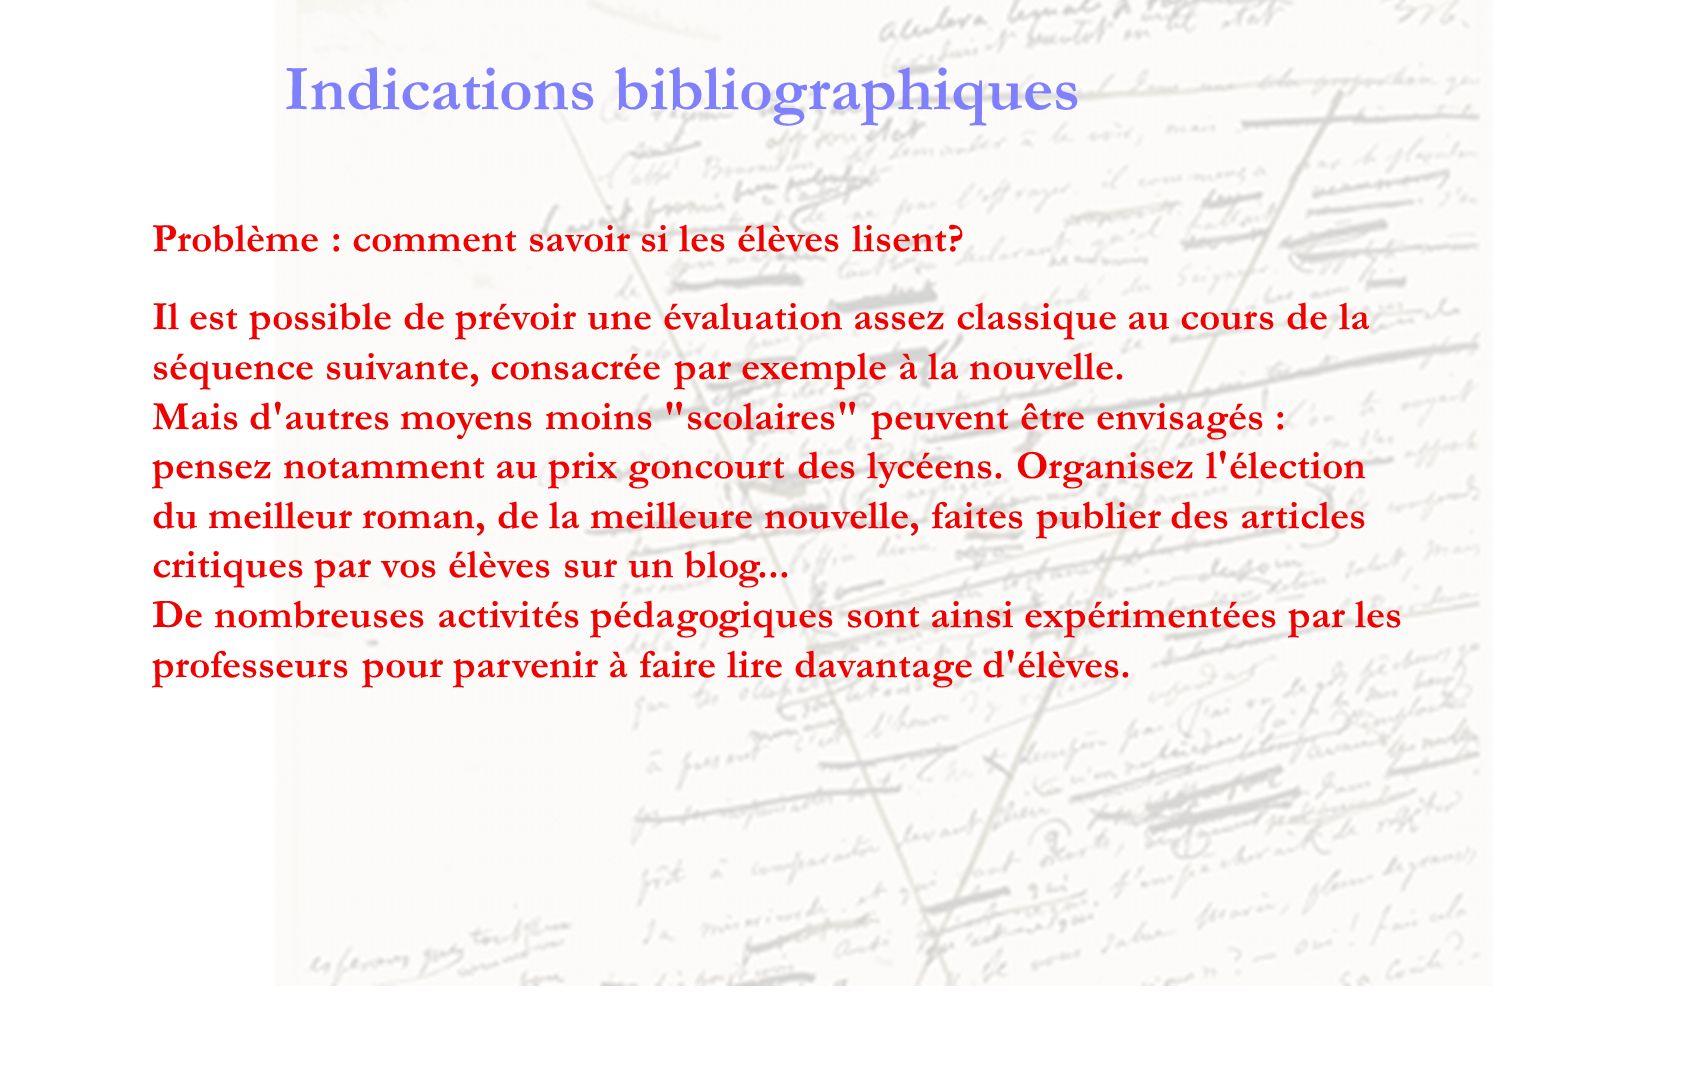 Indications bibliographiques Problème : comment savoir si les élèves lisent? Il est possible de prévoir une évaluation assez classique au cours de la